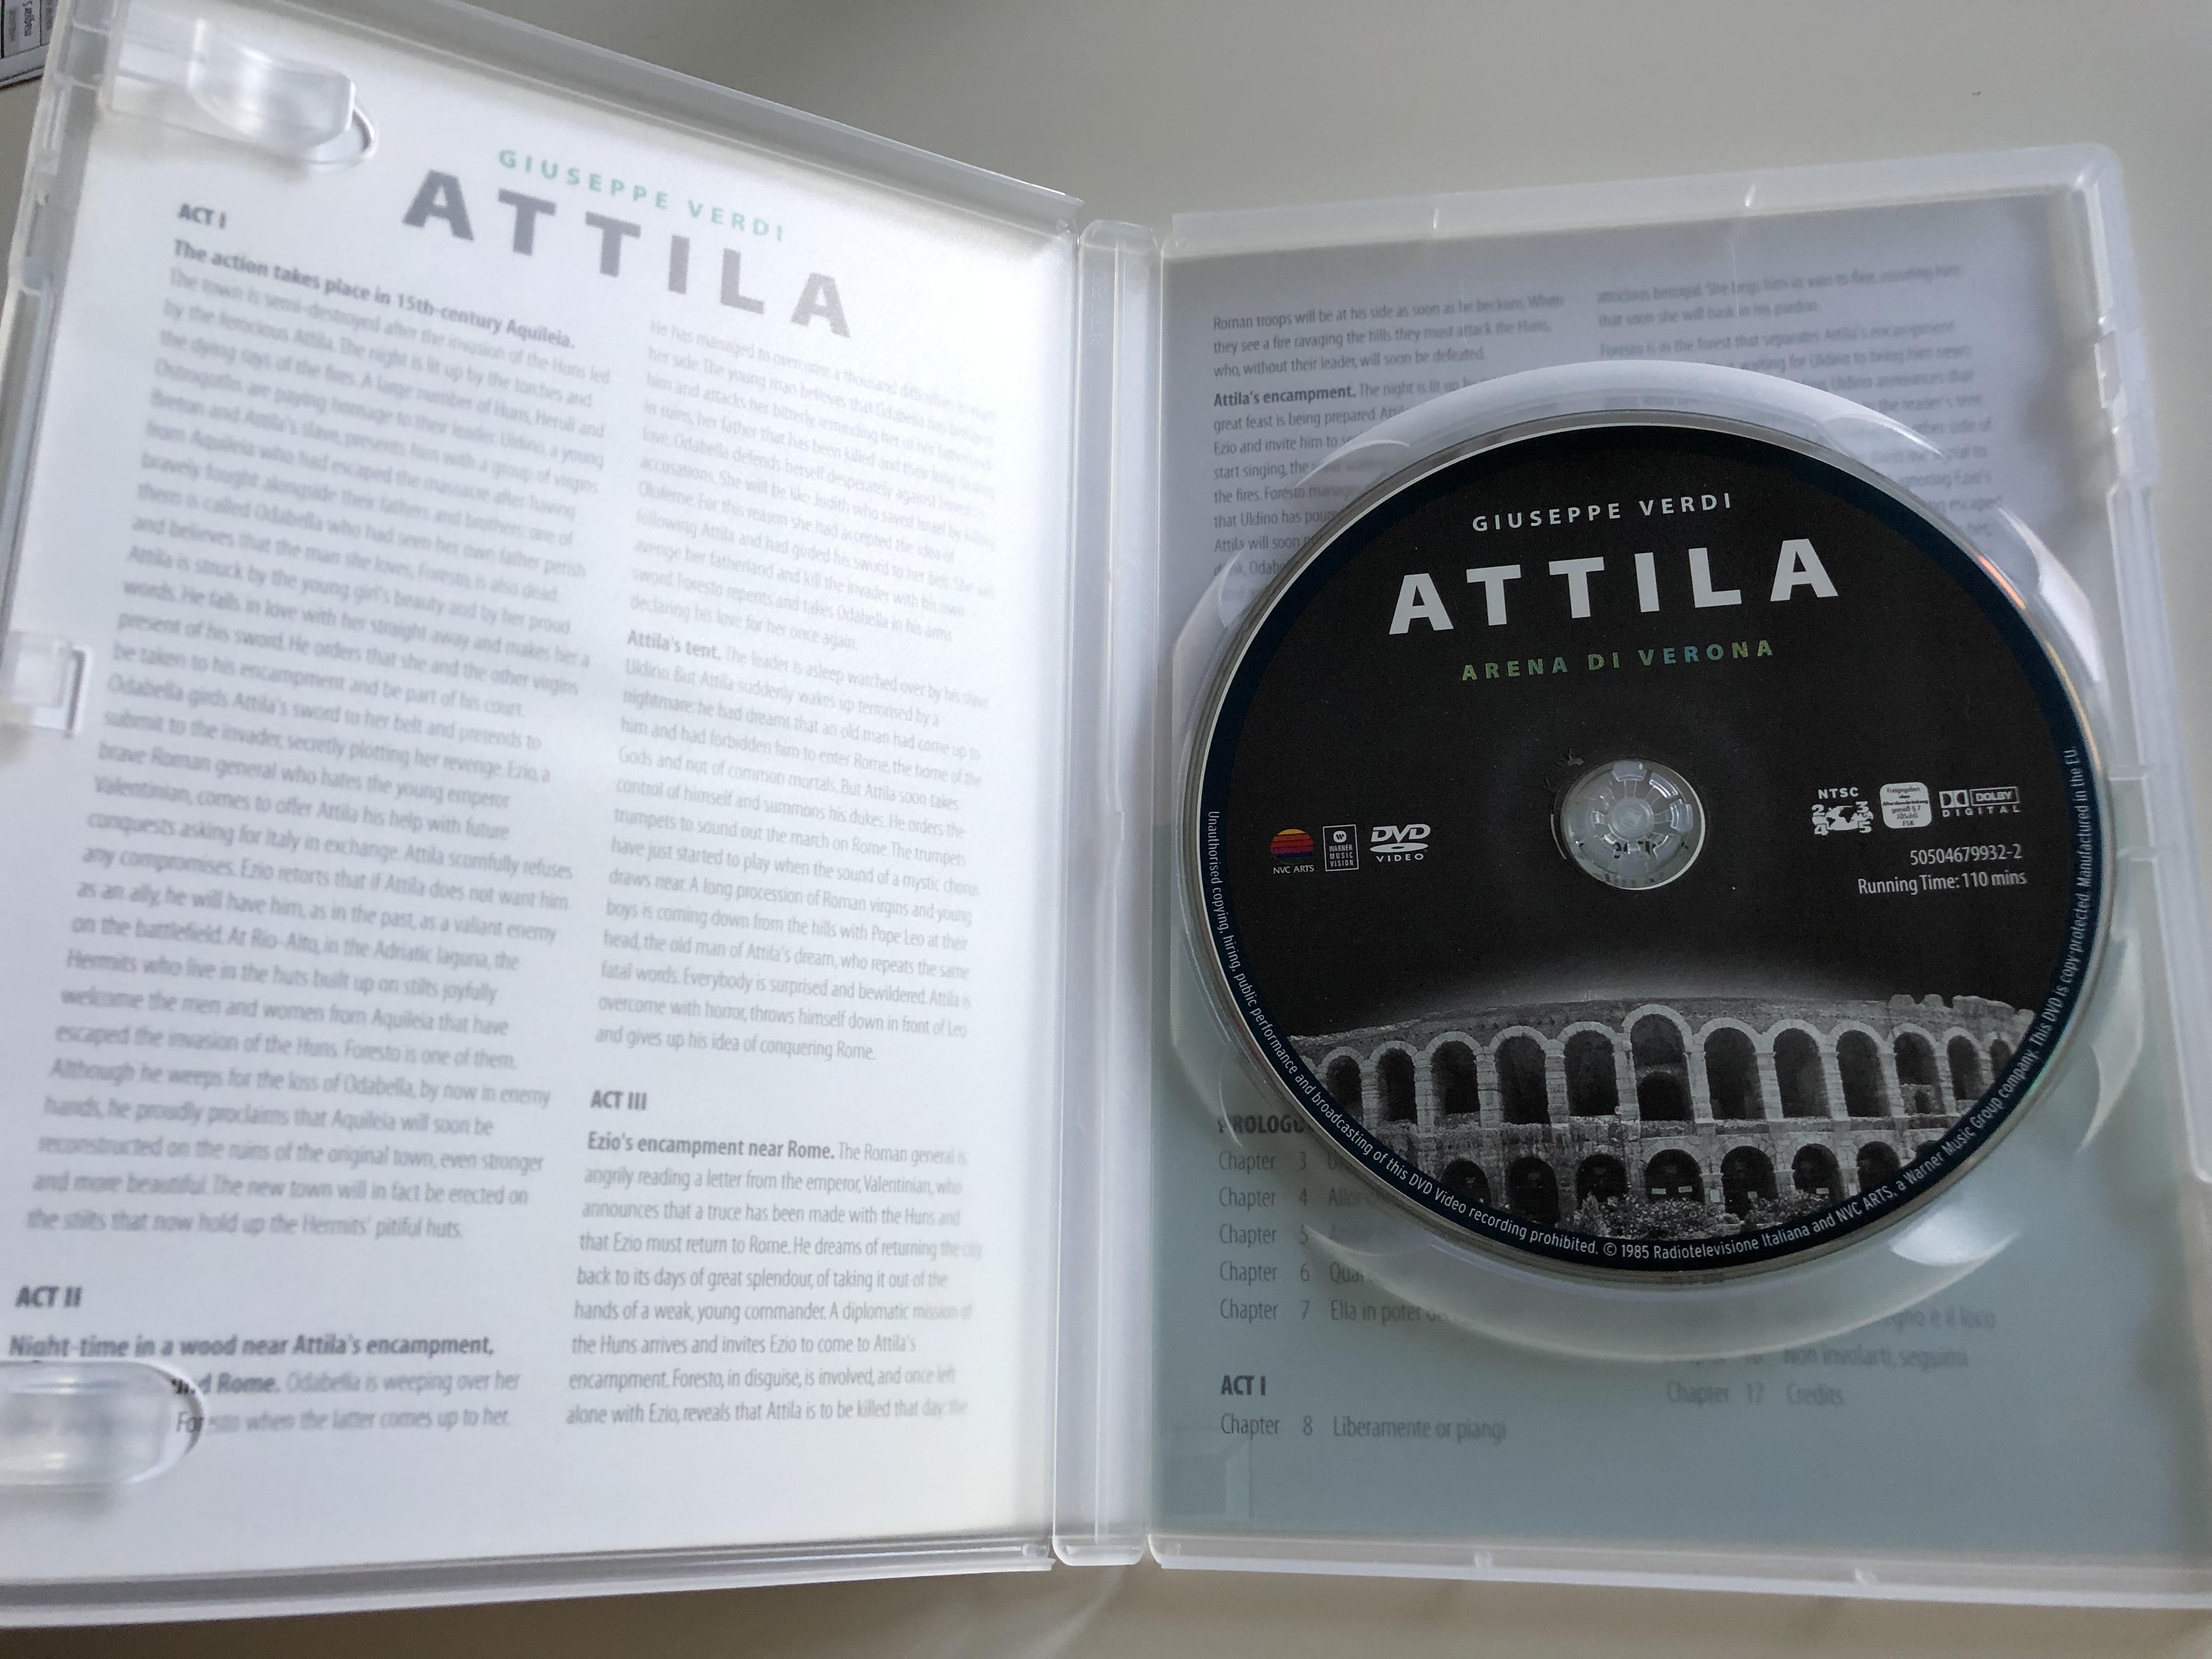 giuseppe-verdi-attila-dvd-1985-arena-di-verona-evgeny-nesterenko-silvano-carroli-maria-chiara-veriano-luchetti-orchestra-and-chorus-of-the-arena-di-verona-conducted-by-nello-santi-directed-for-video-by-brian-lar.jpg